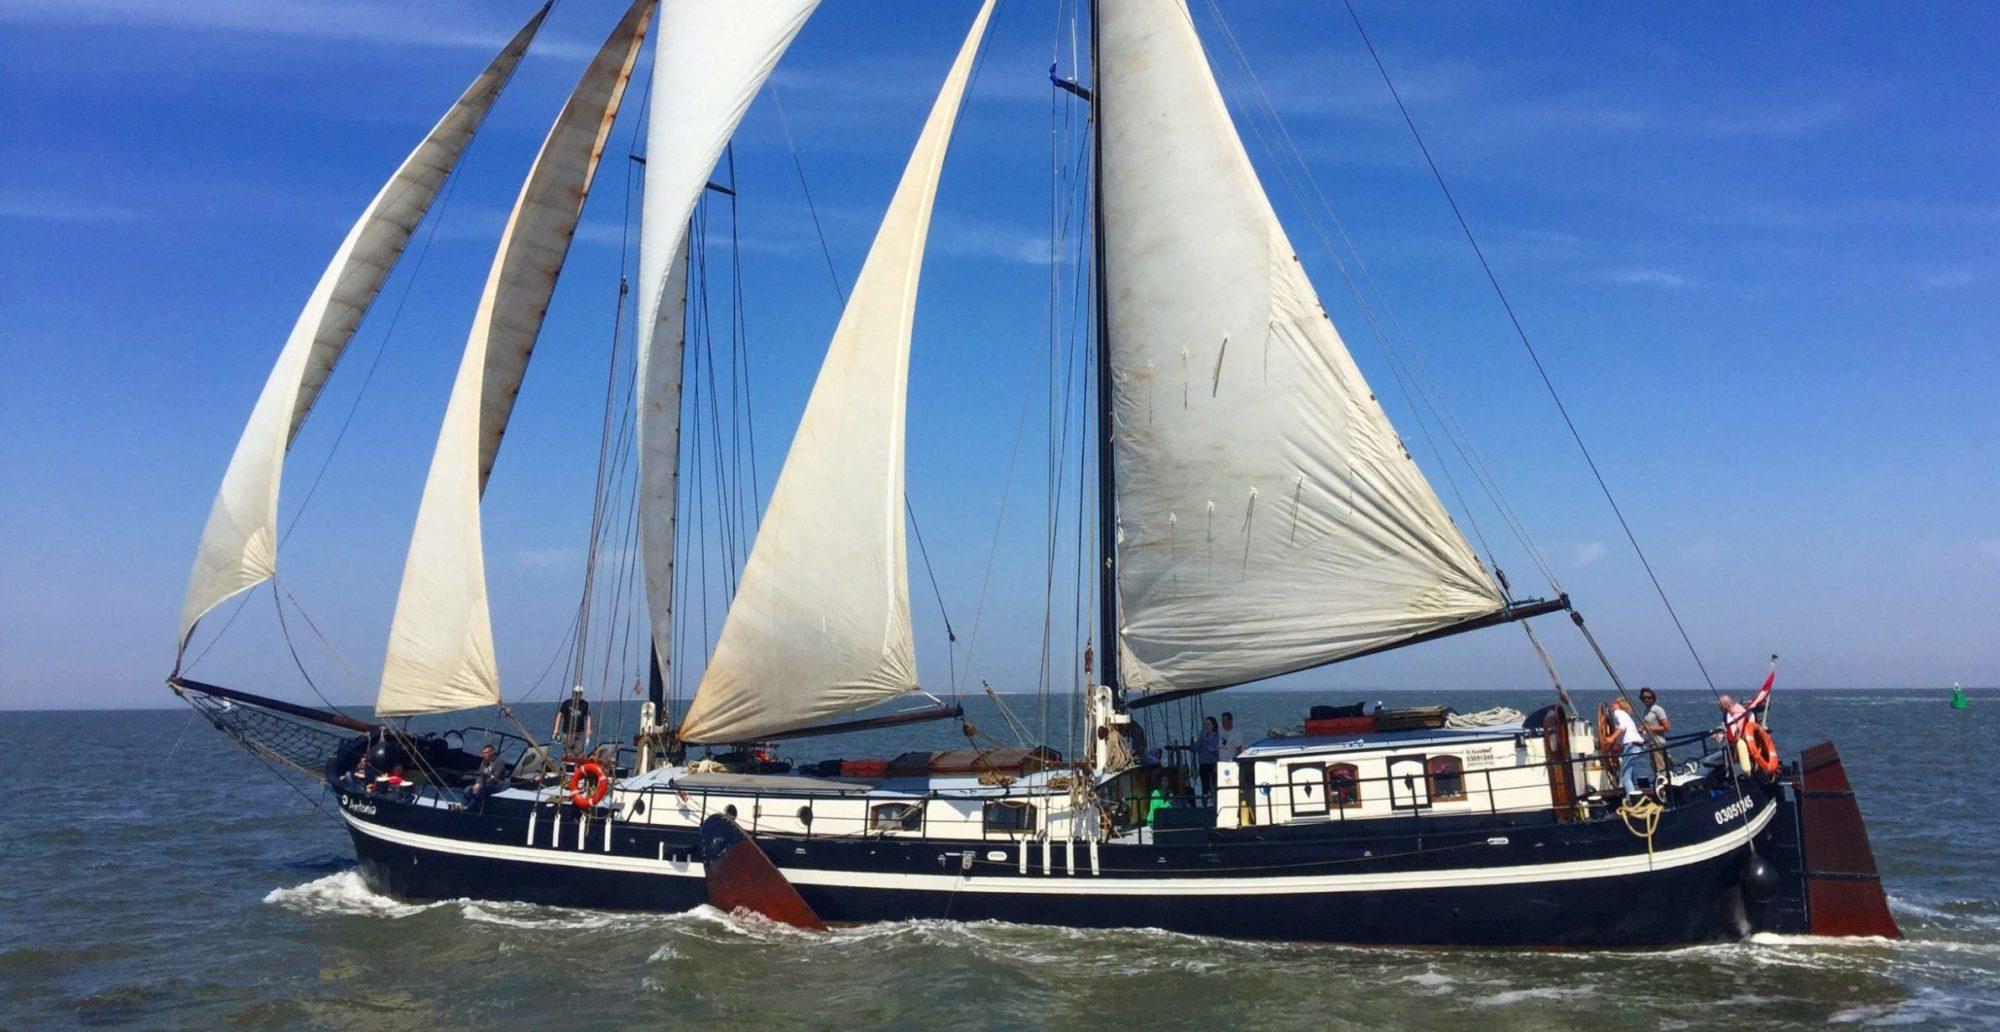 Zeilschip Antonia. Hollandse Wateren